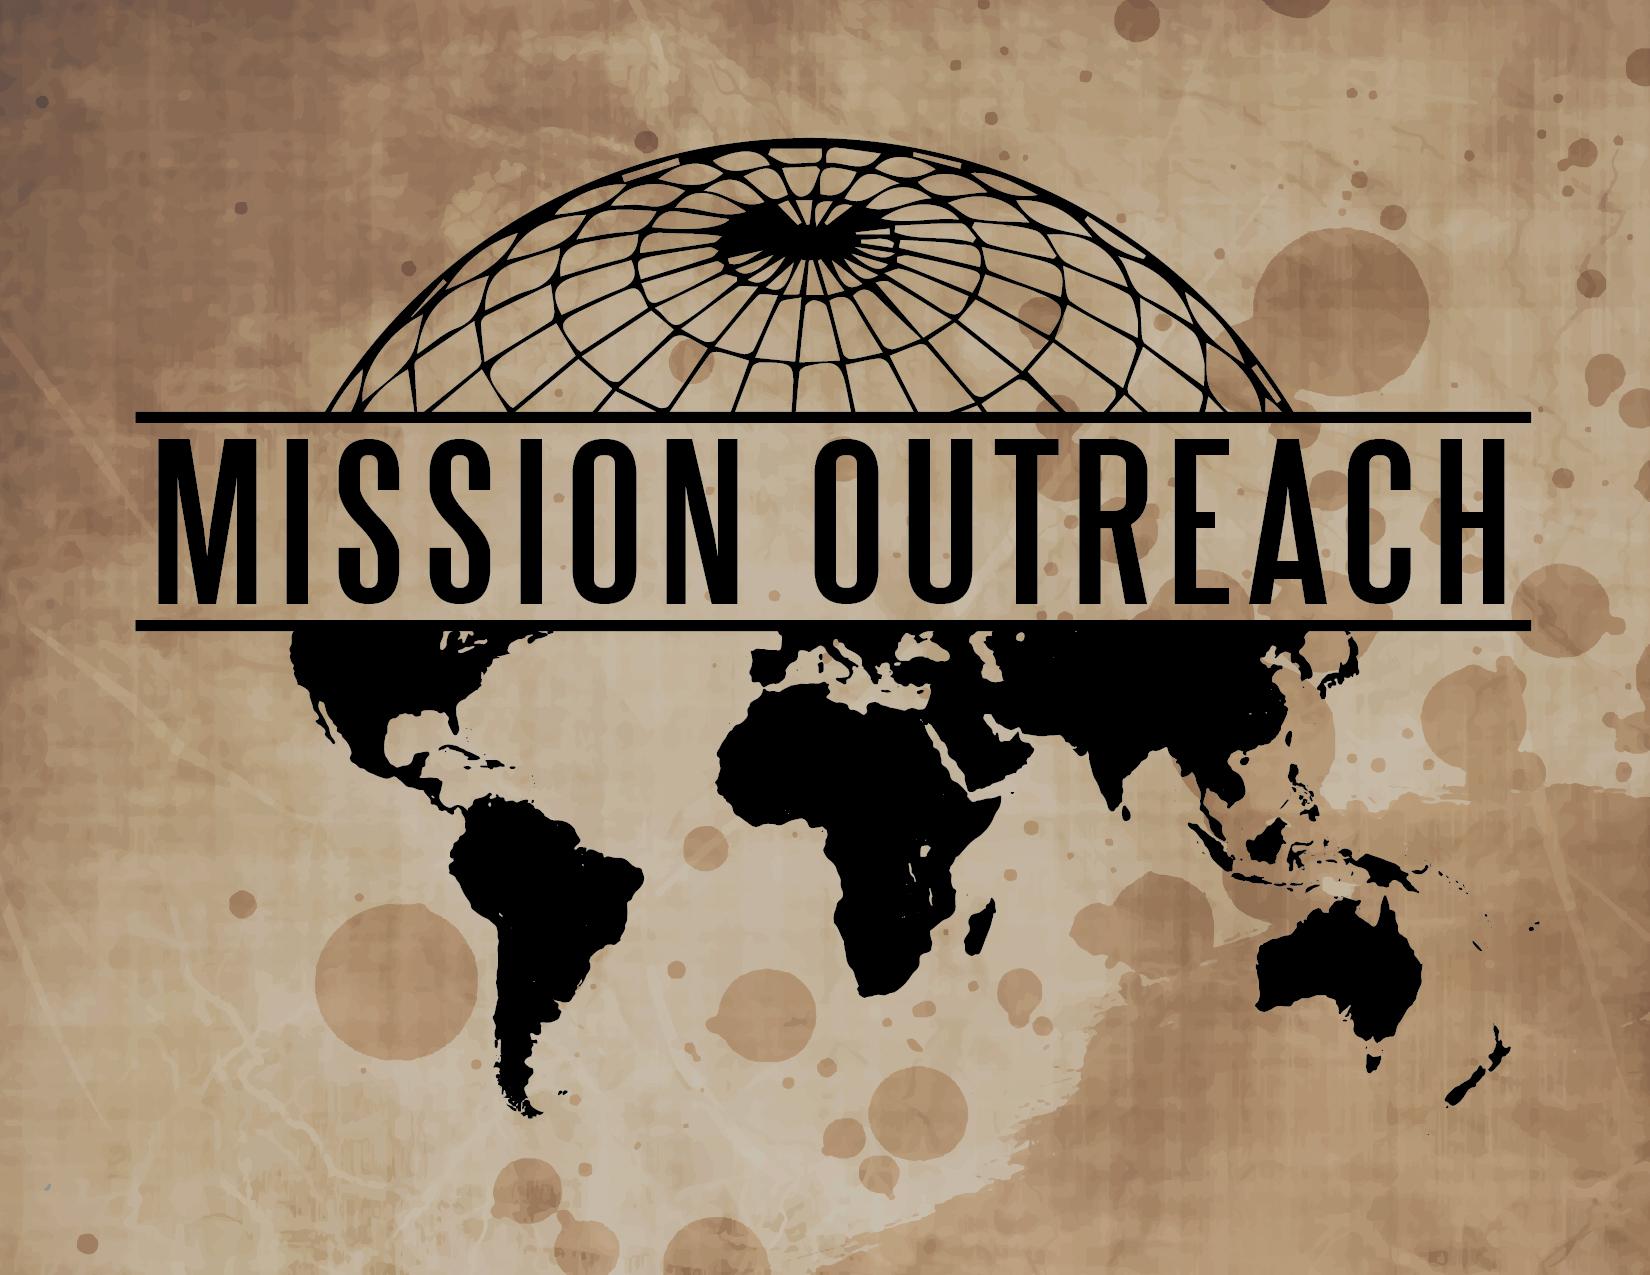 Mission-Outreach-Logo-ii-01-copy.jpg